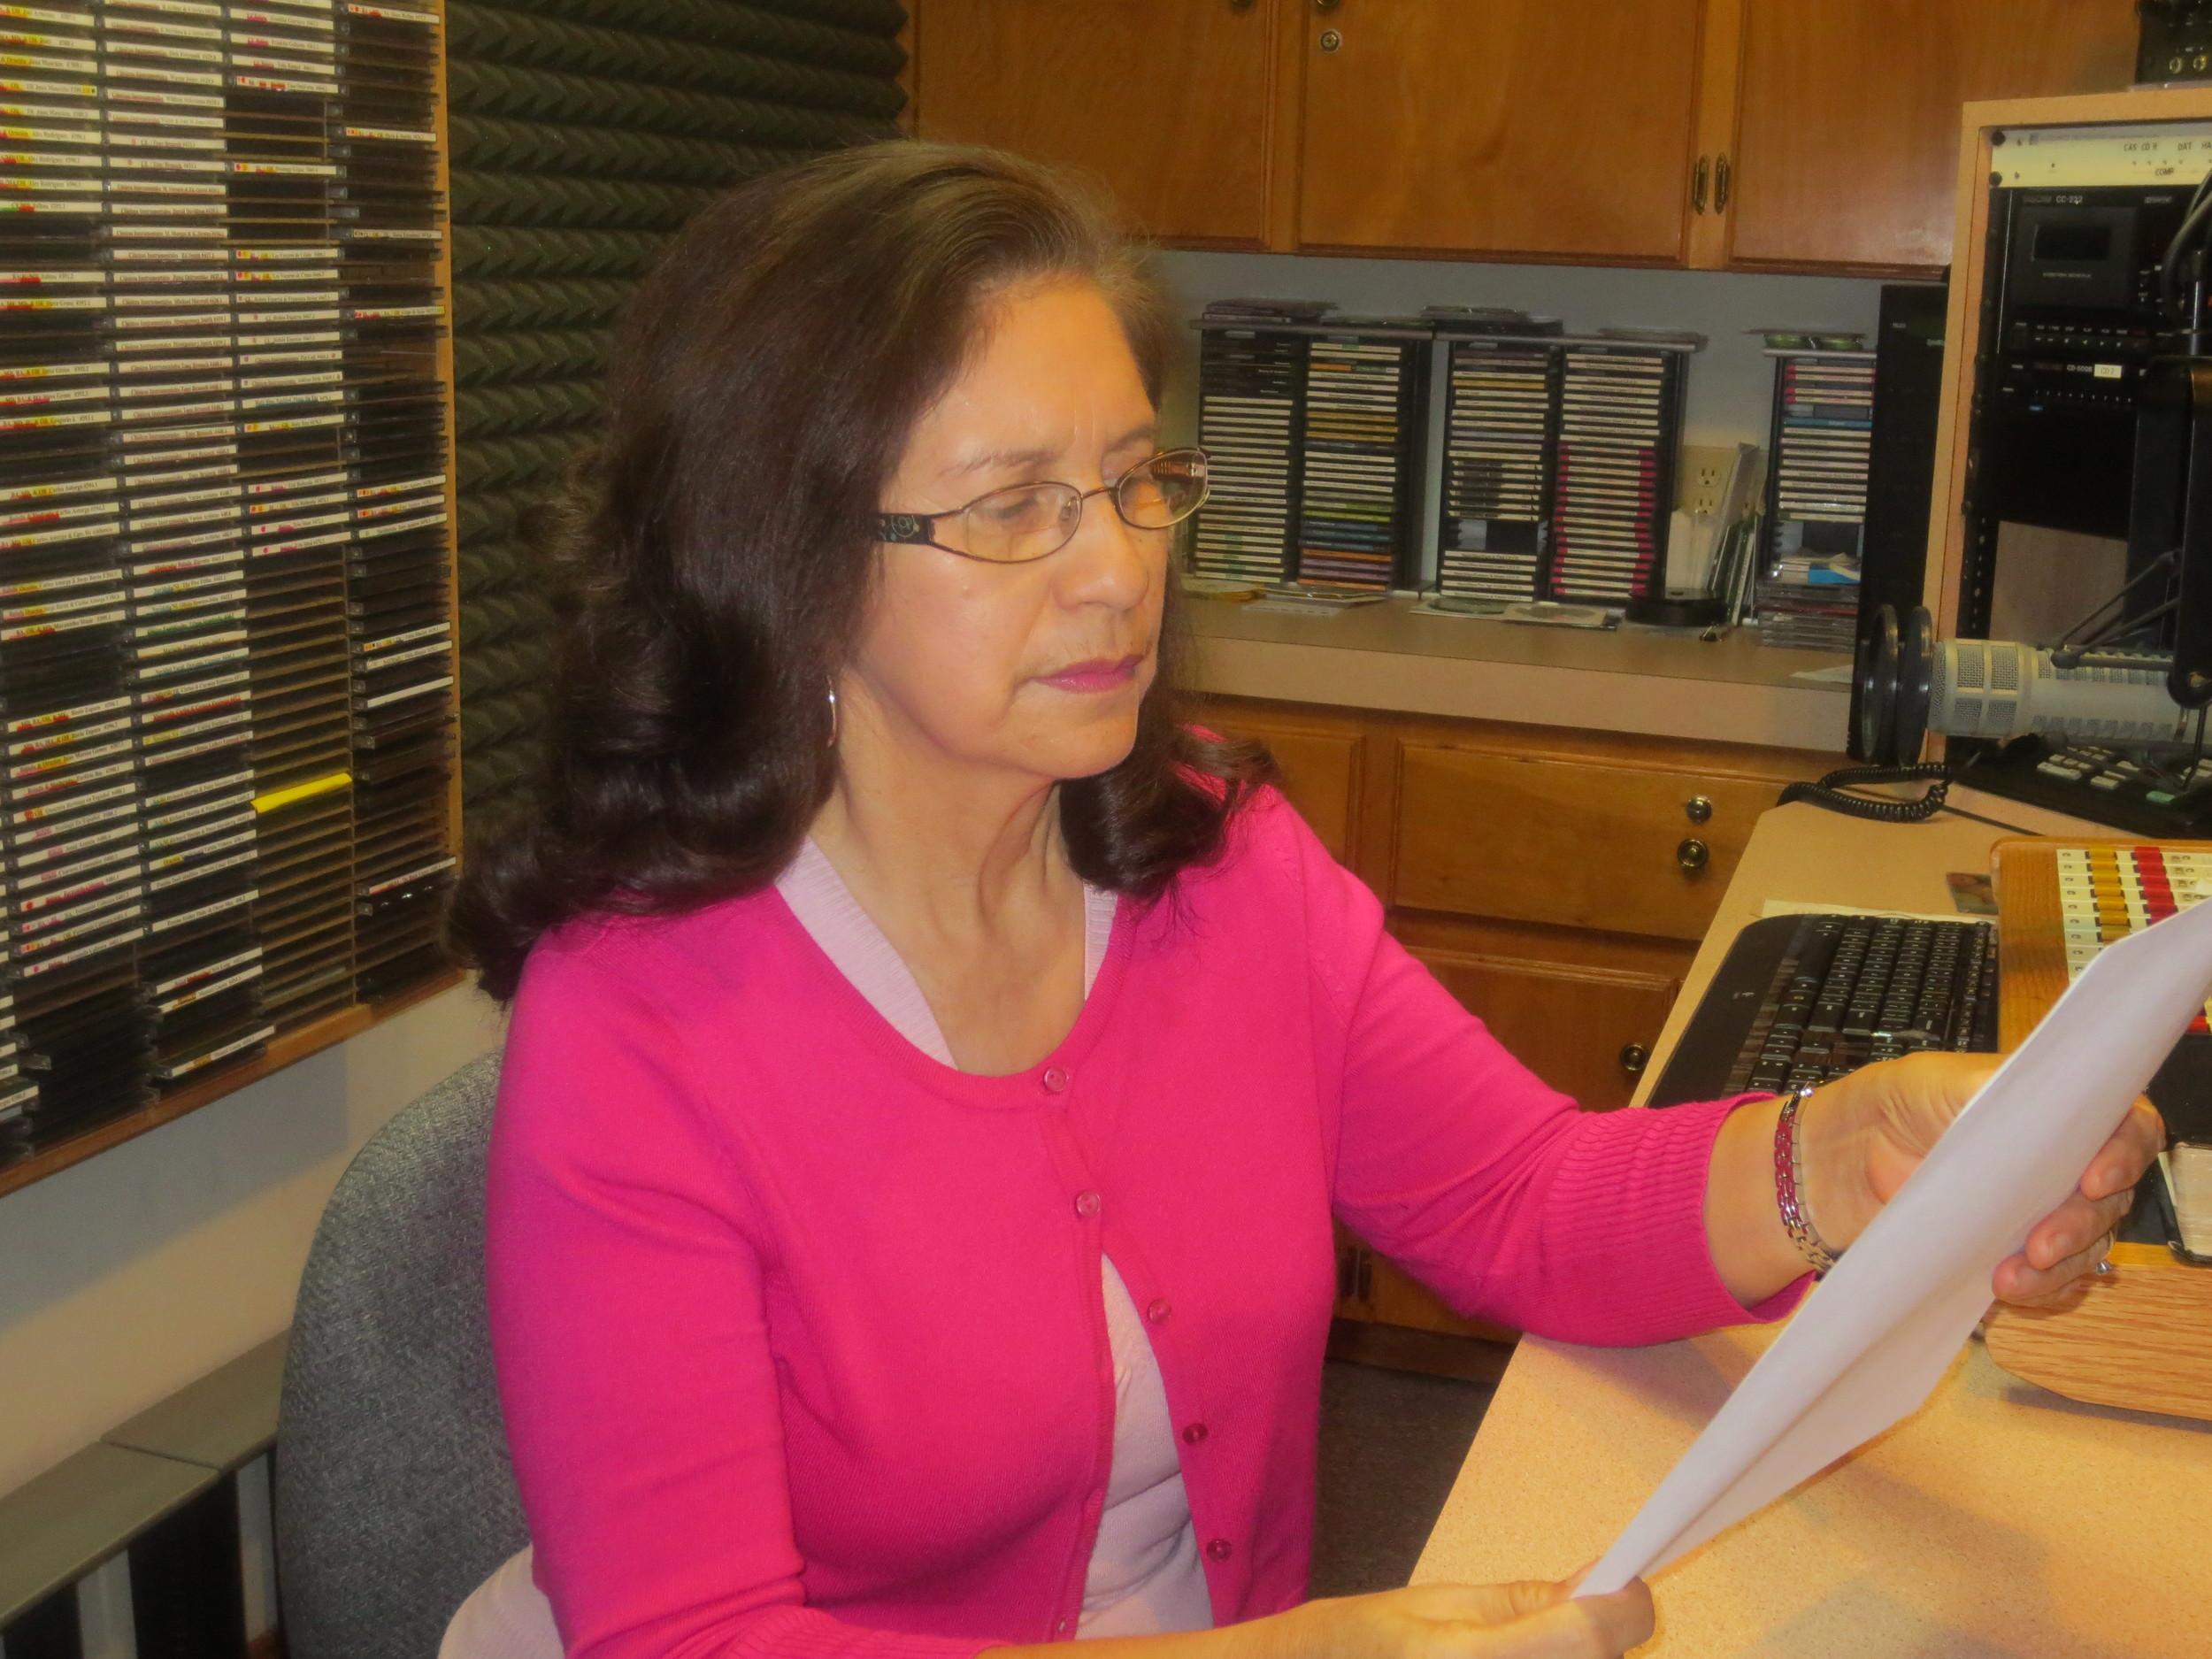 Sra. María Salinas, leyendo correspondencia.